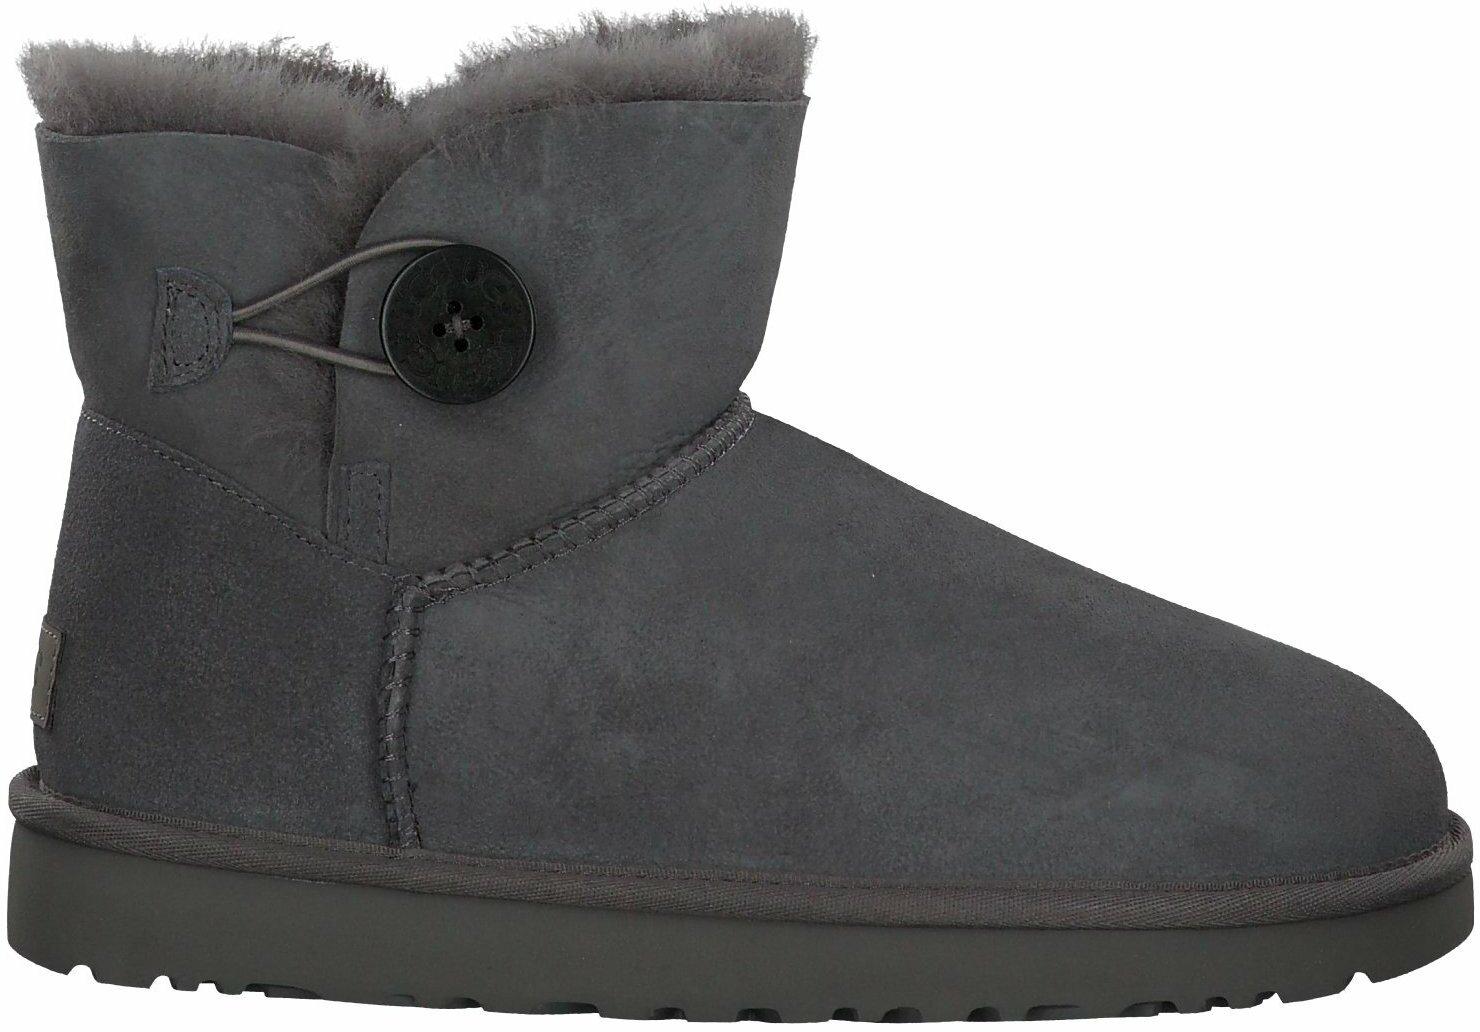 UGG Australia Winter Boots für Damen in Grau Winter Stiefel